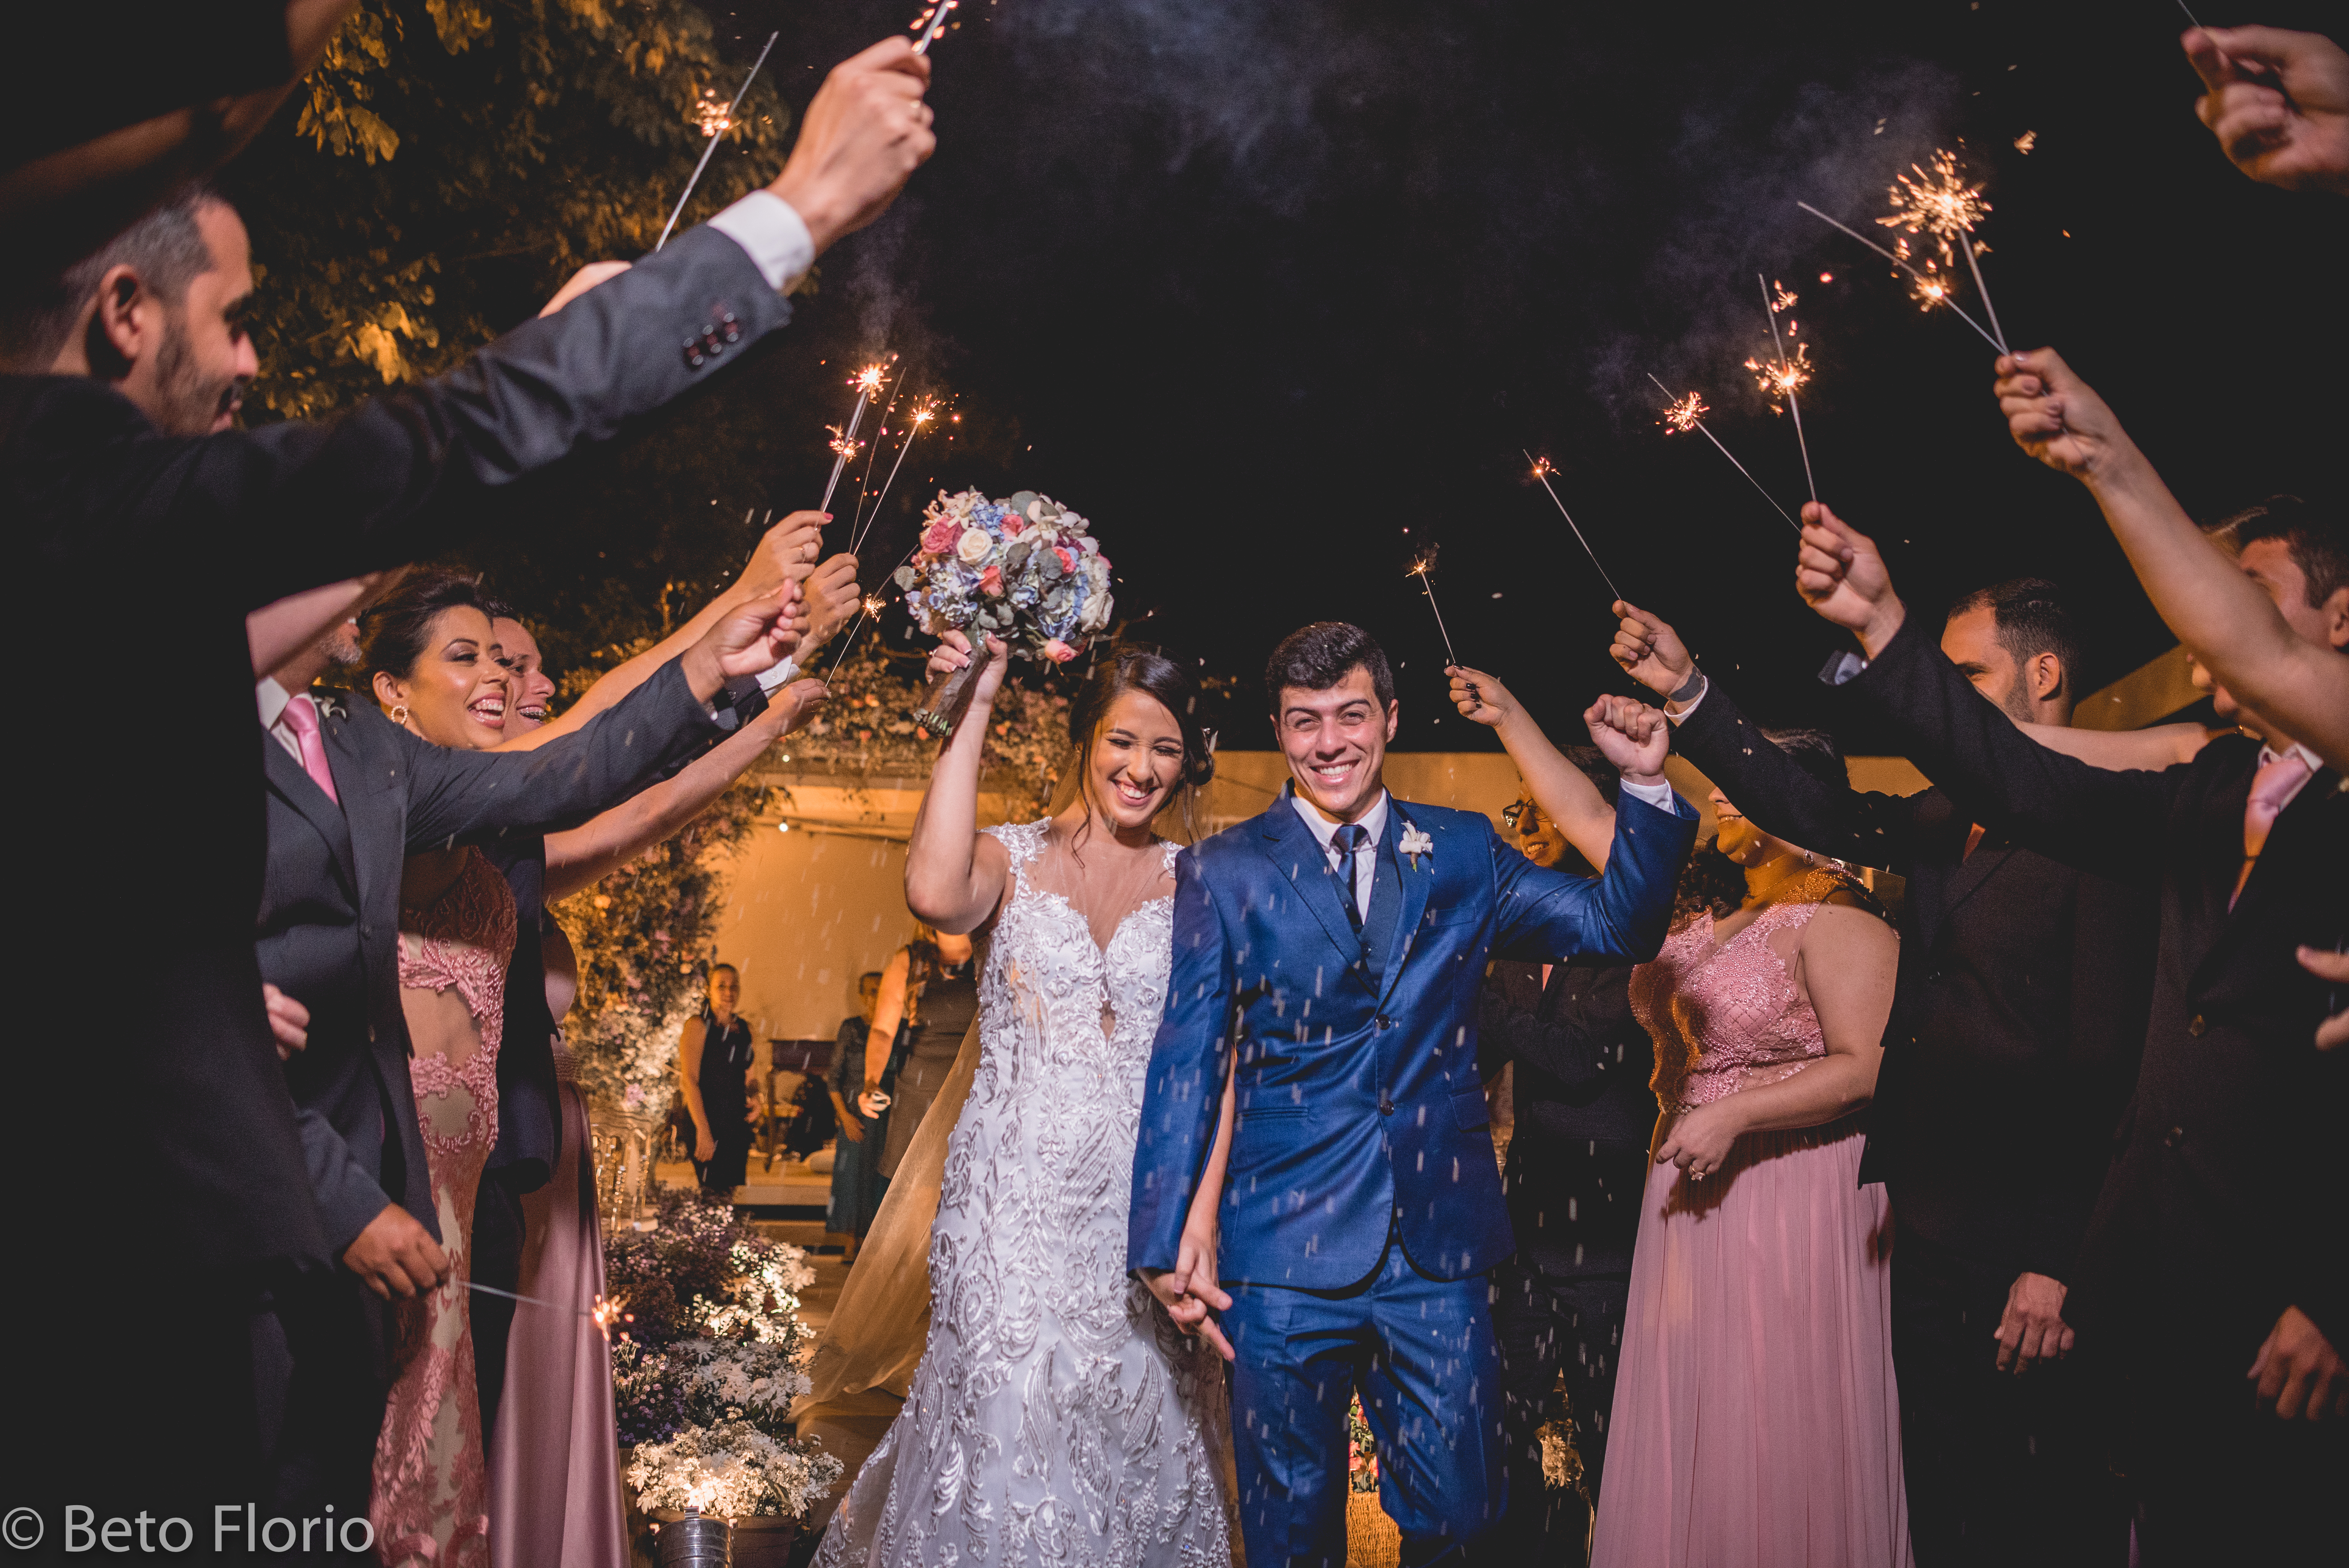 Contate Fotográfo de casamento Beto Florio